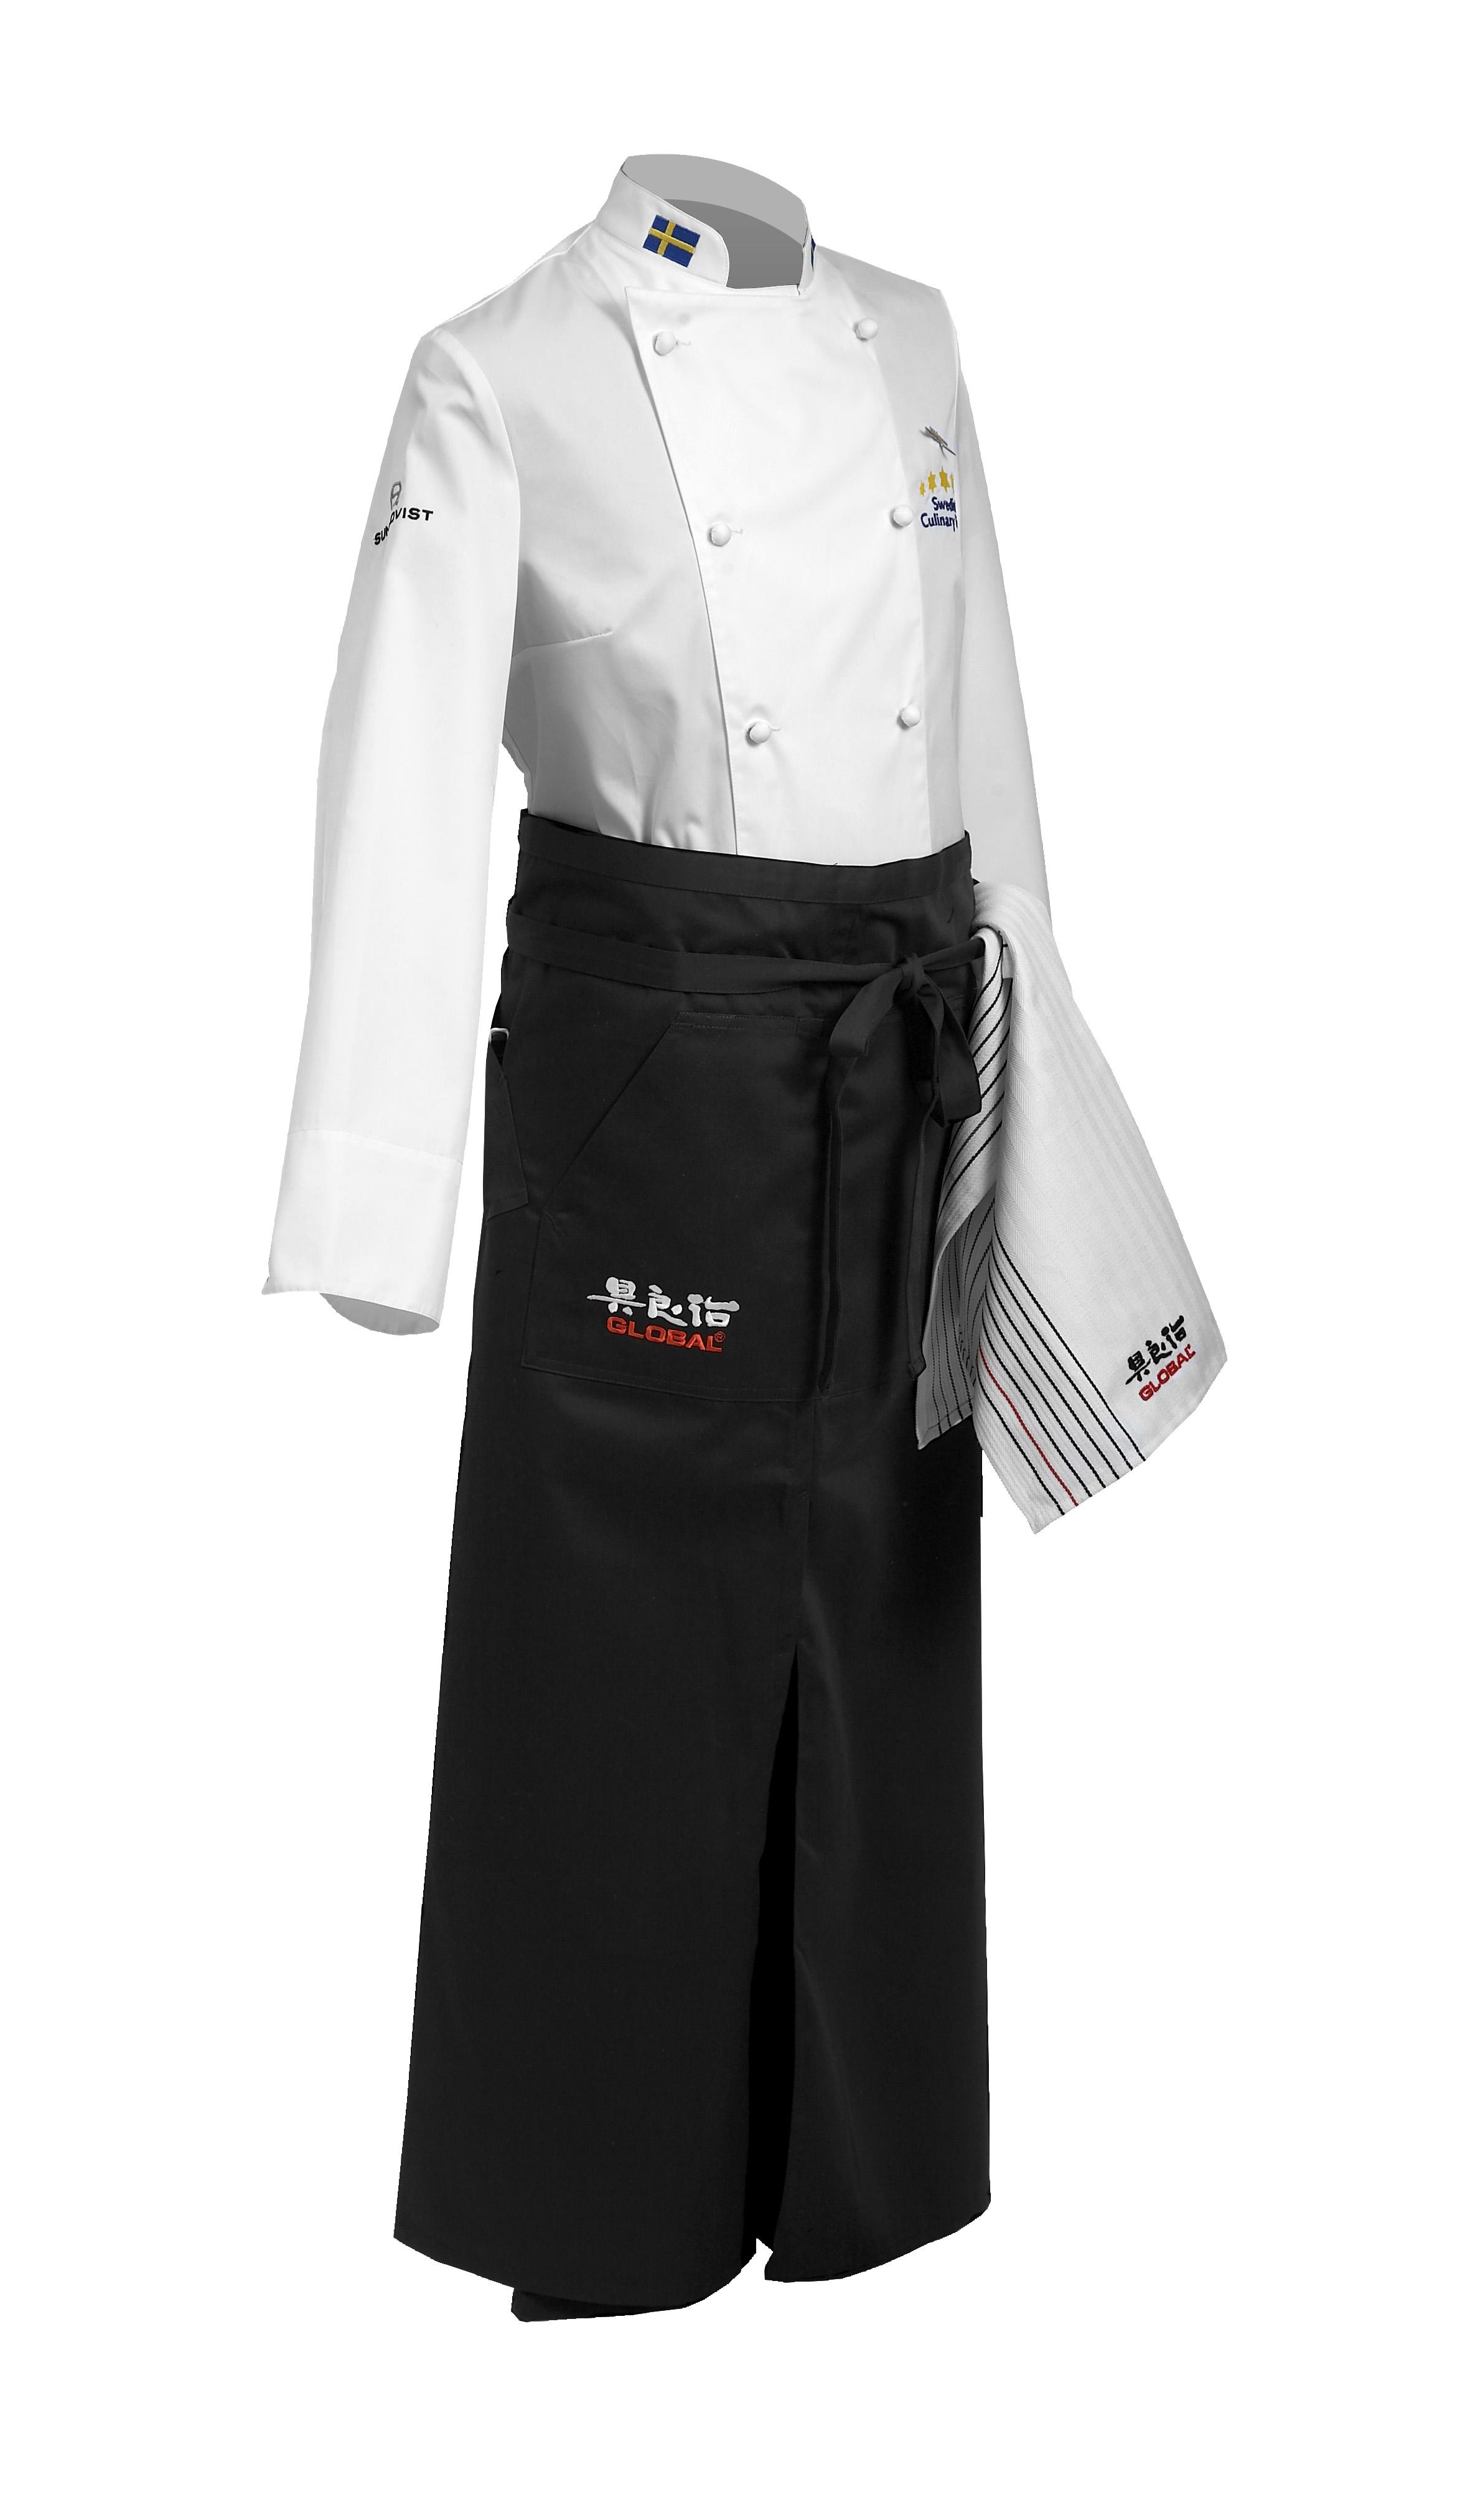 Global G-1003 Kyparförkläde med Slits, Ficka för Vinöppnare